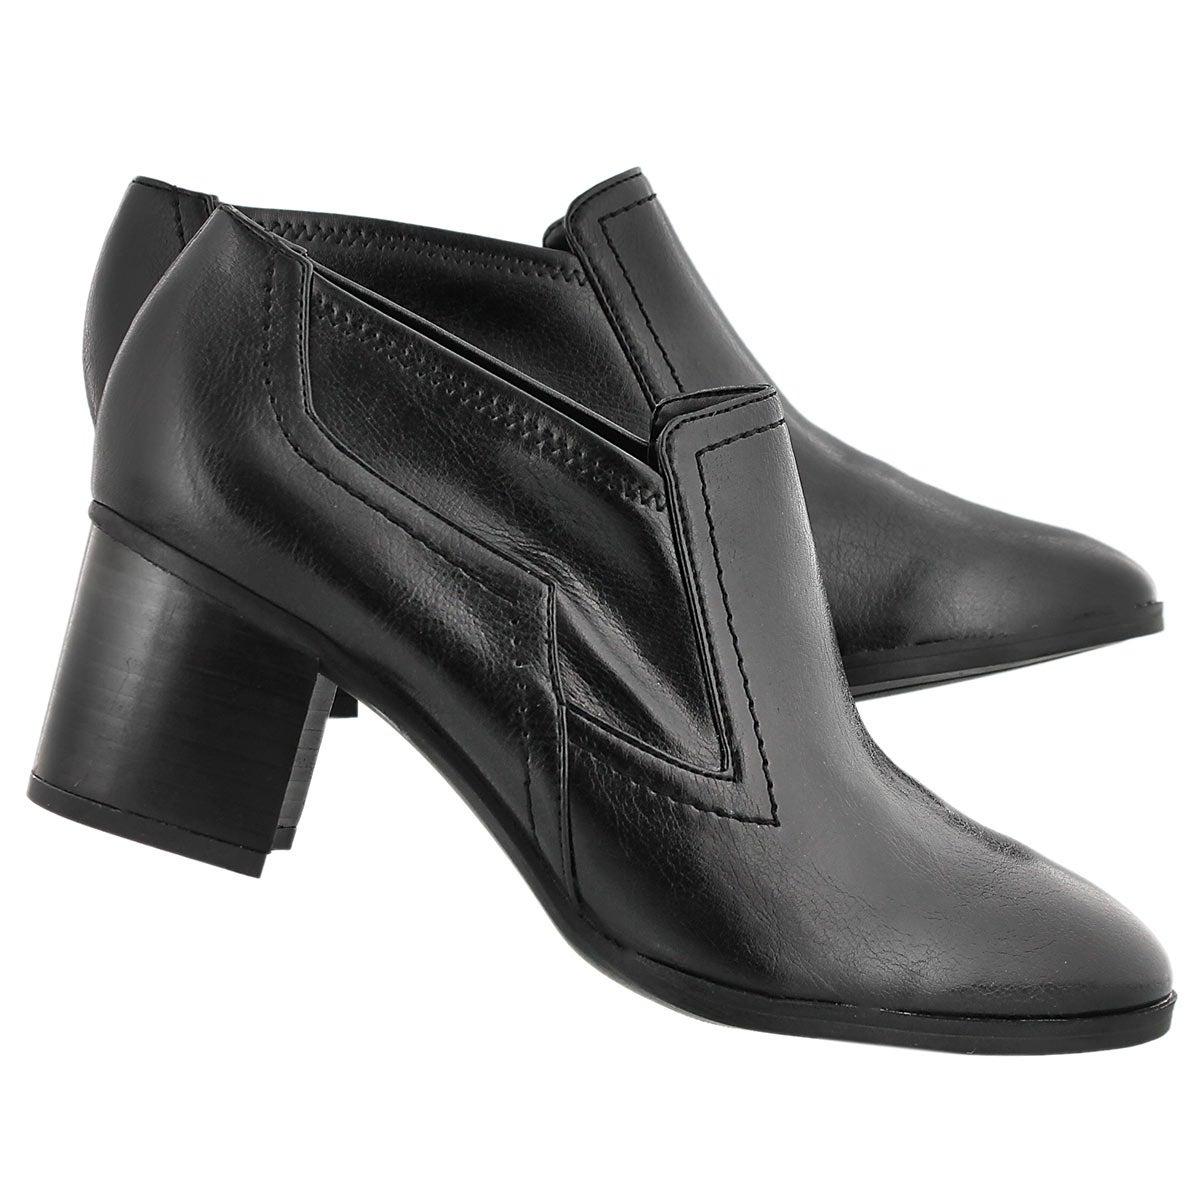 Chaussures d�con. Ashland, noir, femmes